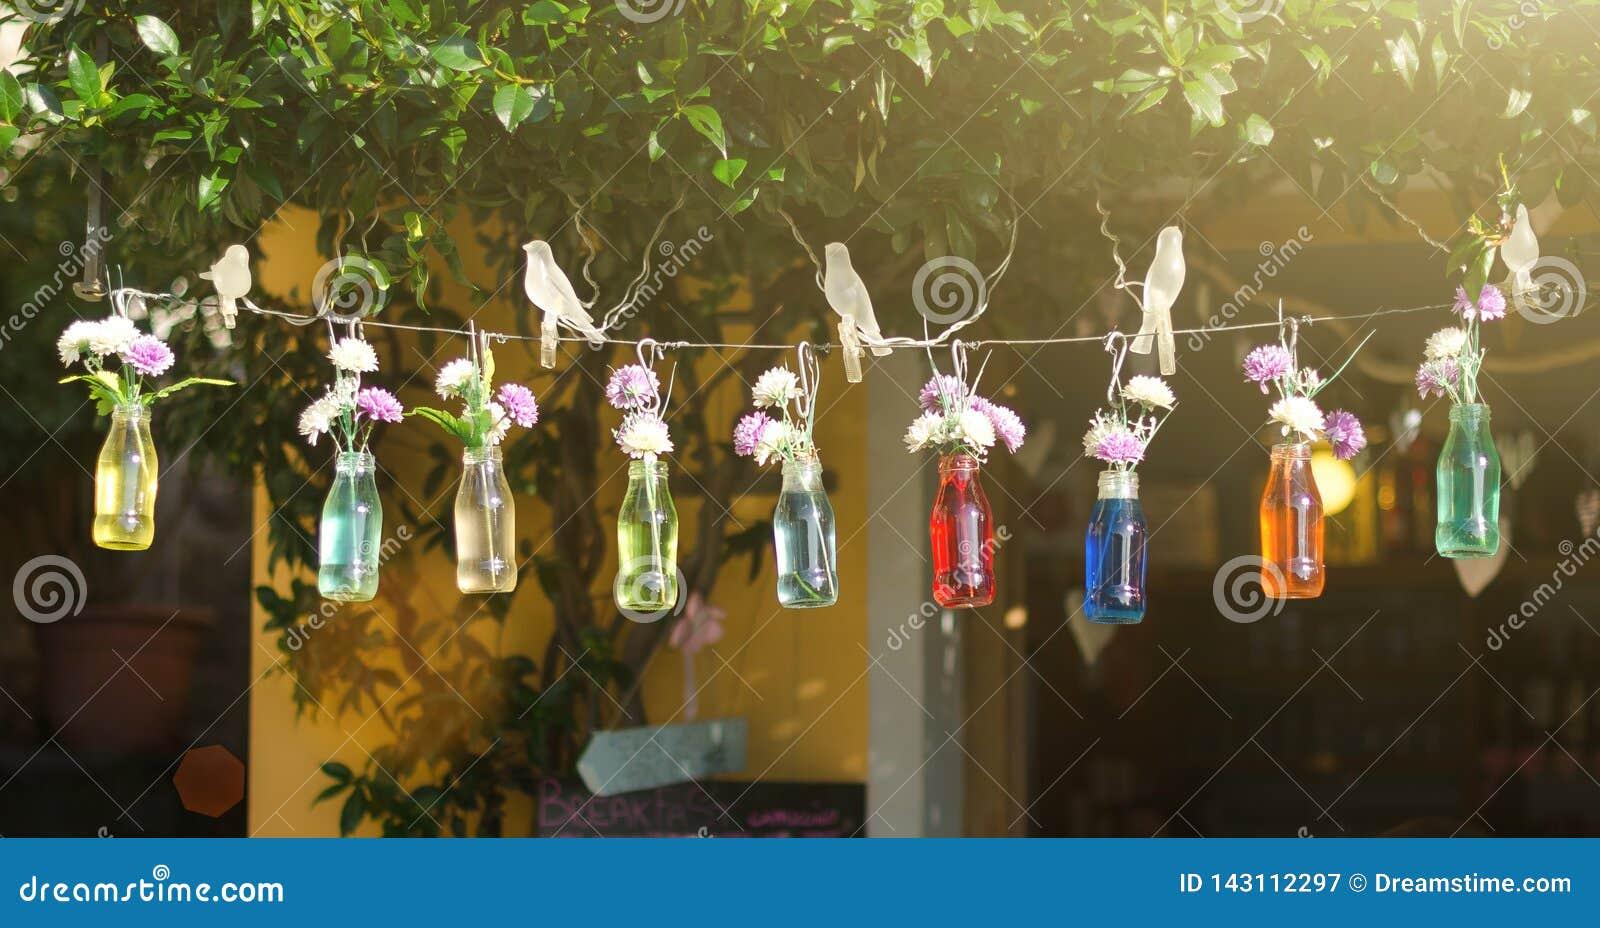 Μπουκάλια με το χρωματισμένο νερό και λουλούδια που κρεμούν σε μια σειρά στο υπόβαθρο θερινών οδών